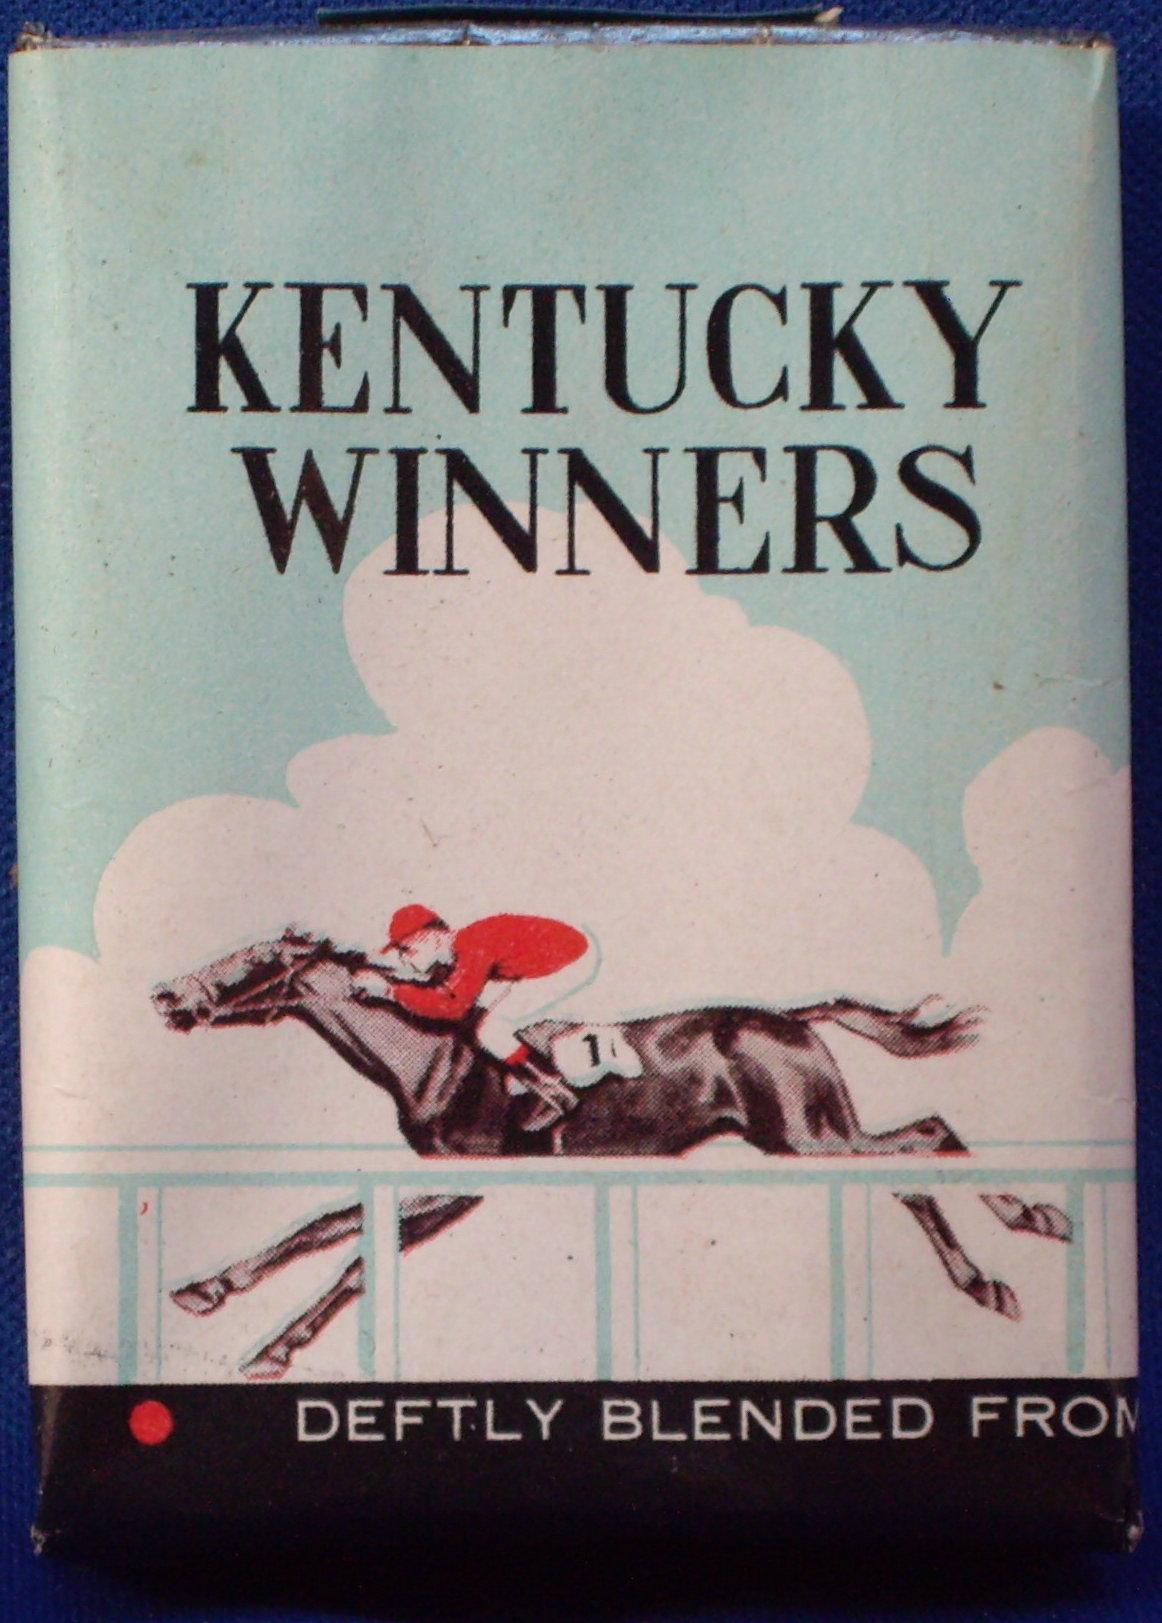 Kentucky Winners